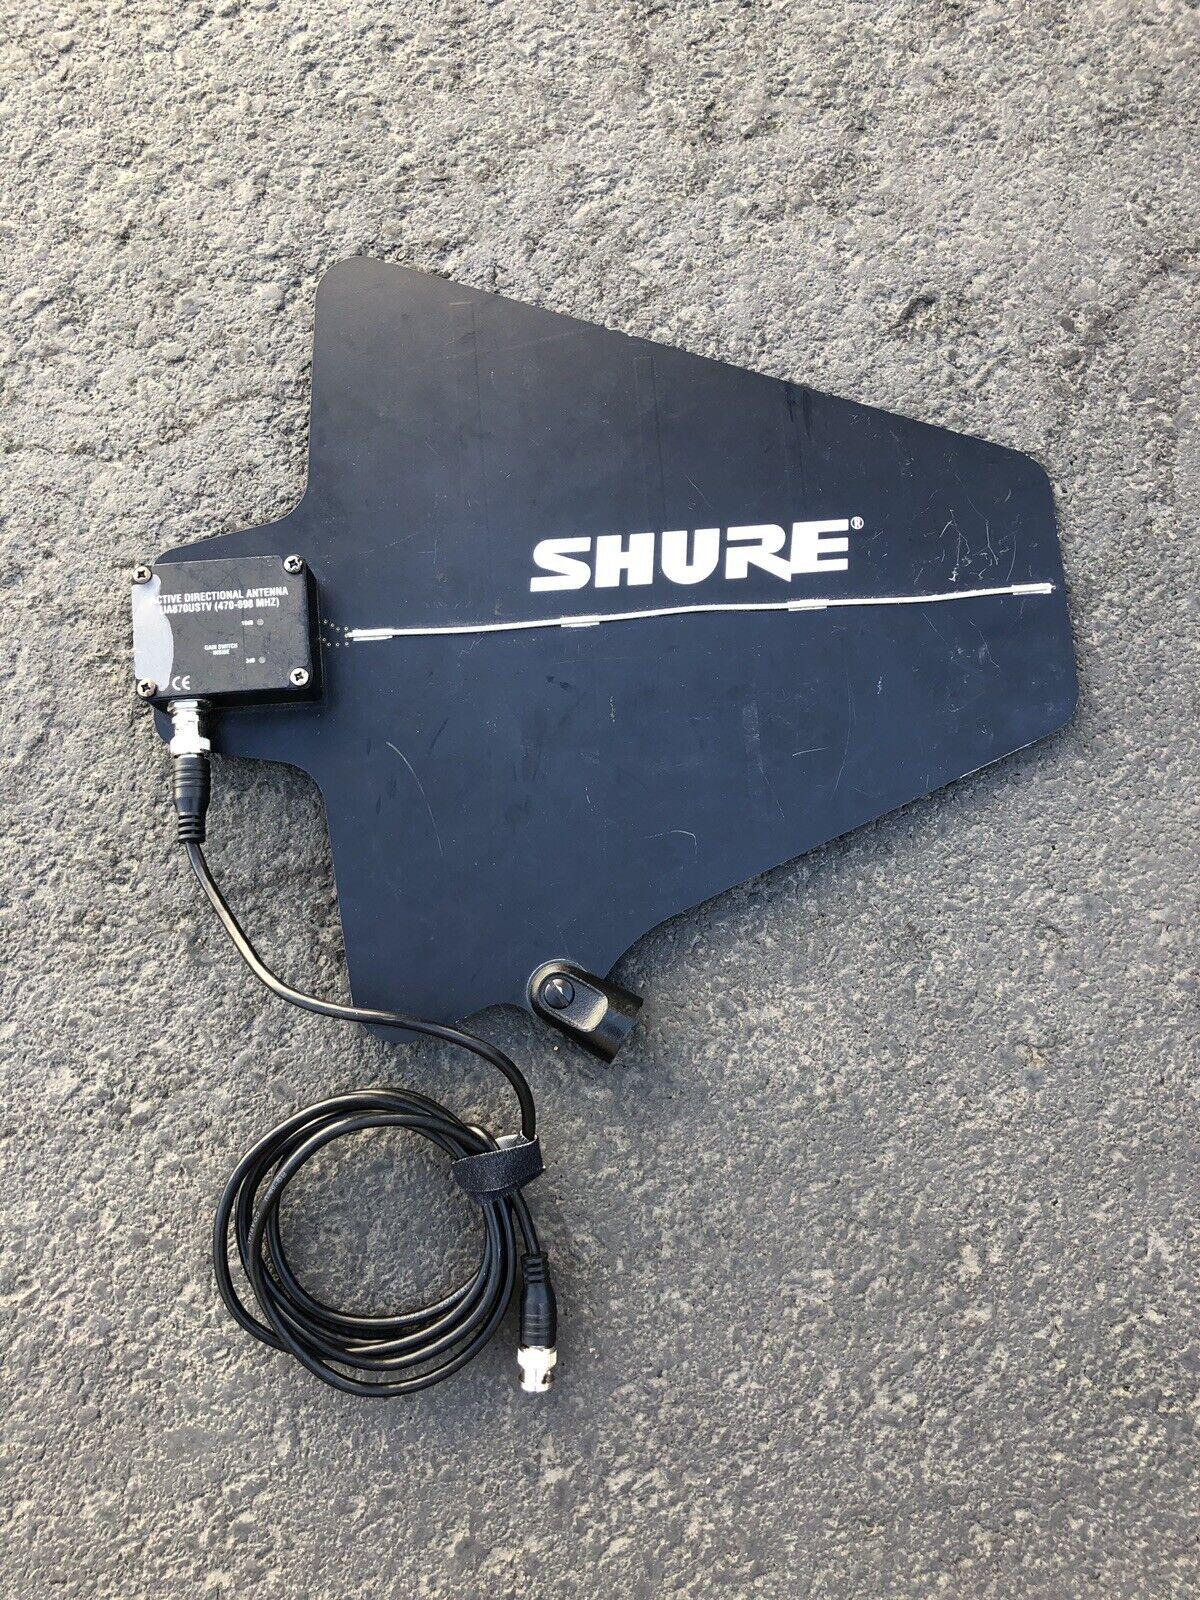 Shure Active Direction Antenne 470-698 Mhz verwendet